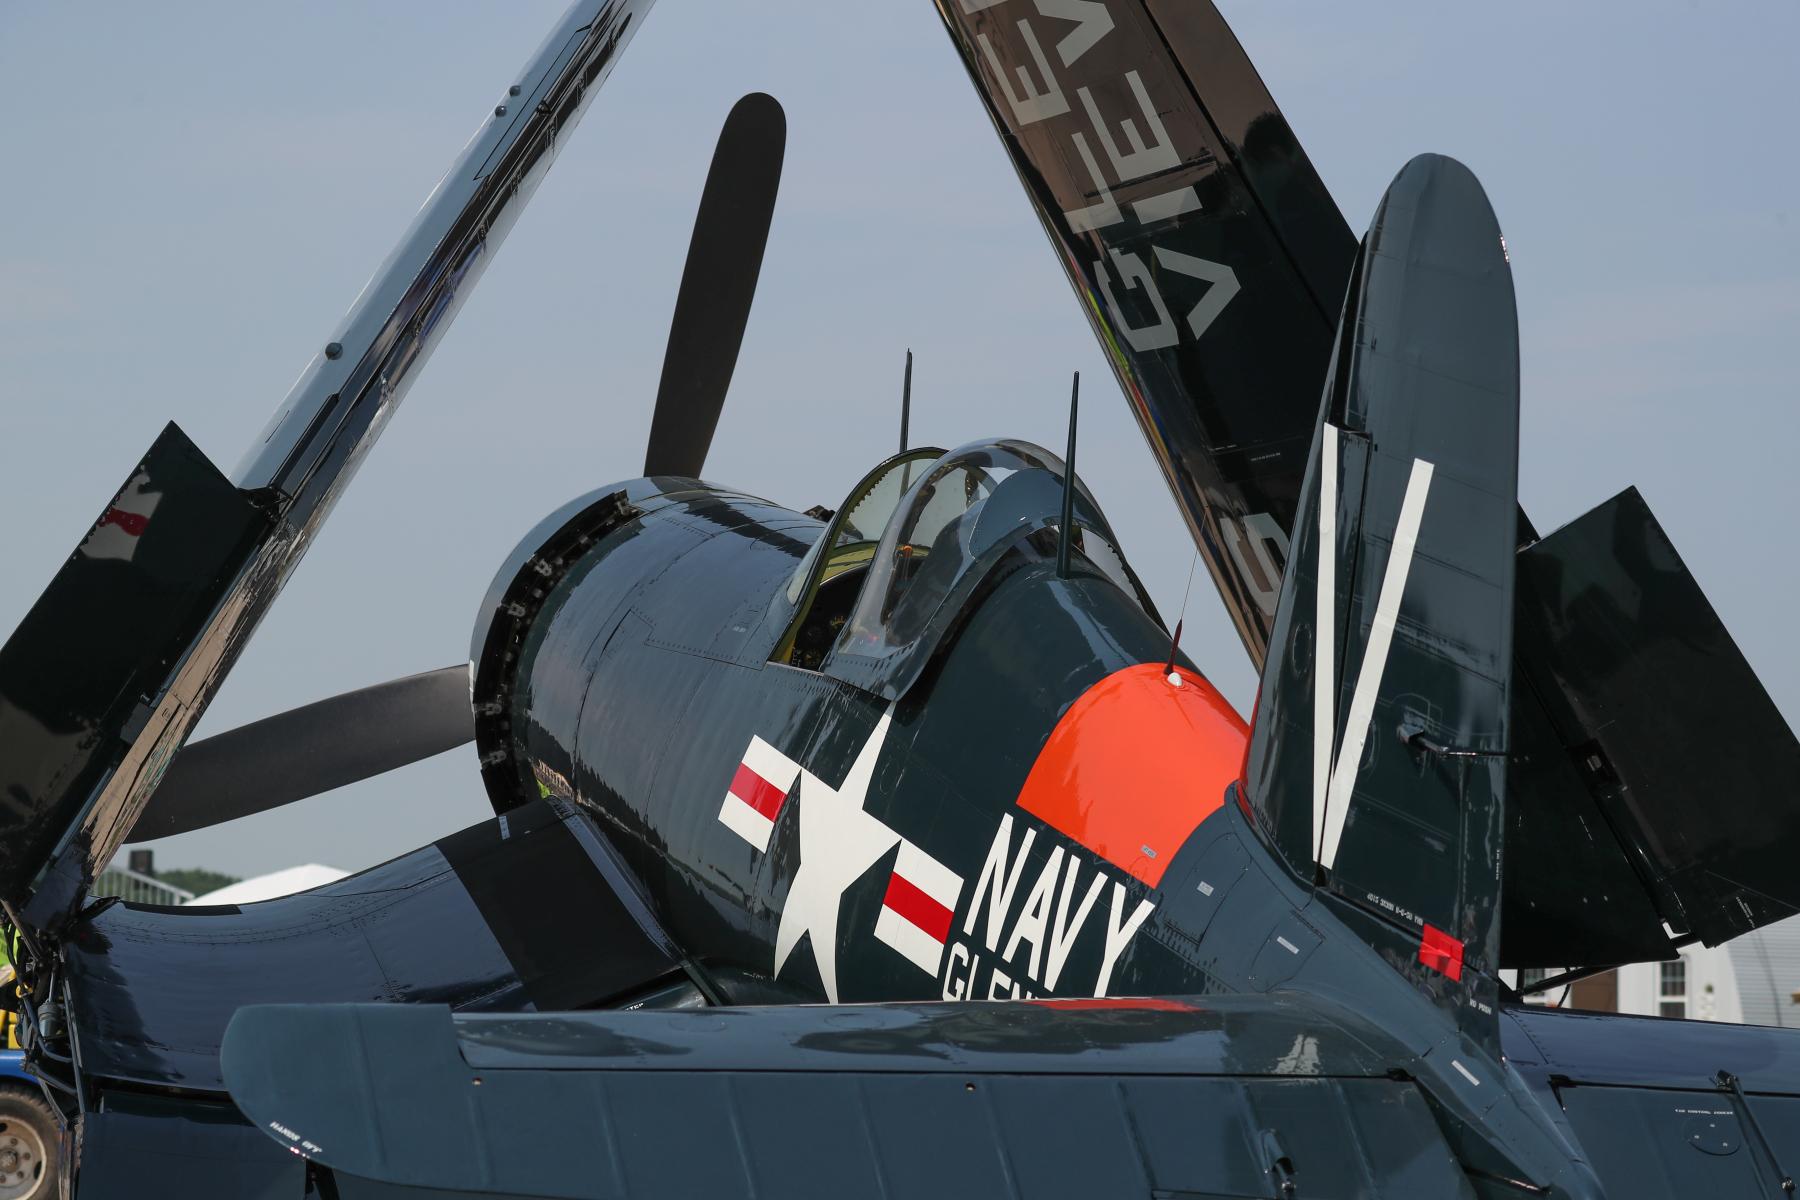 Vought F4U Corsair by Art Eichmann